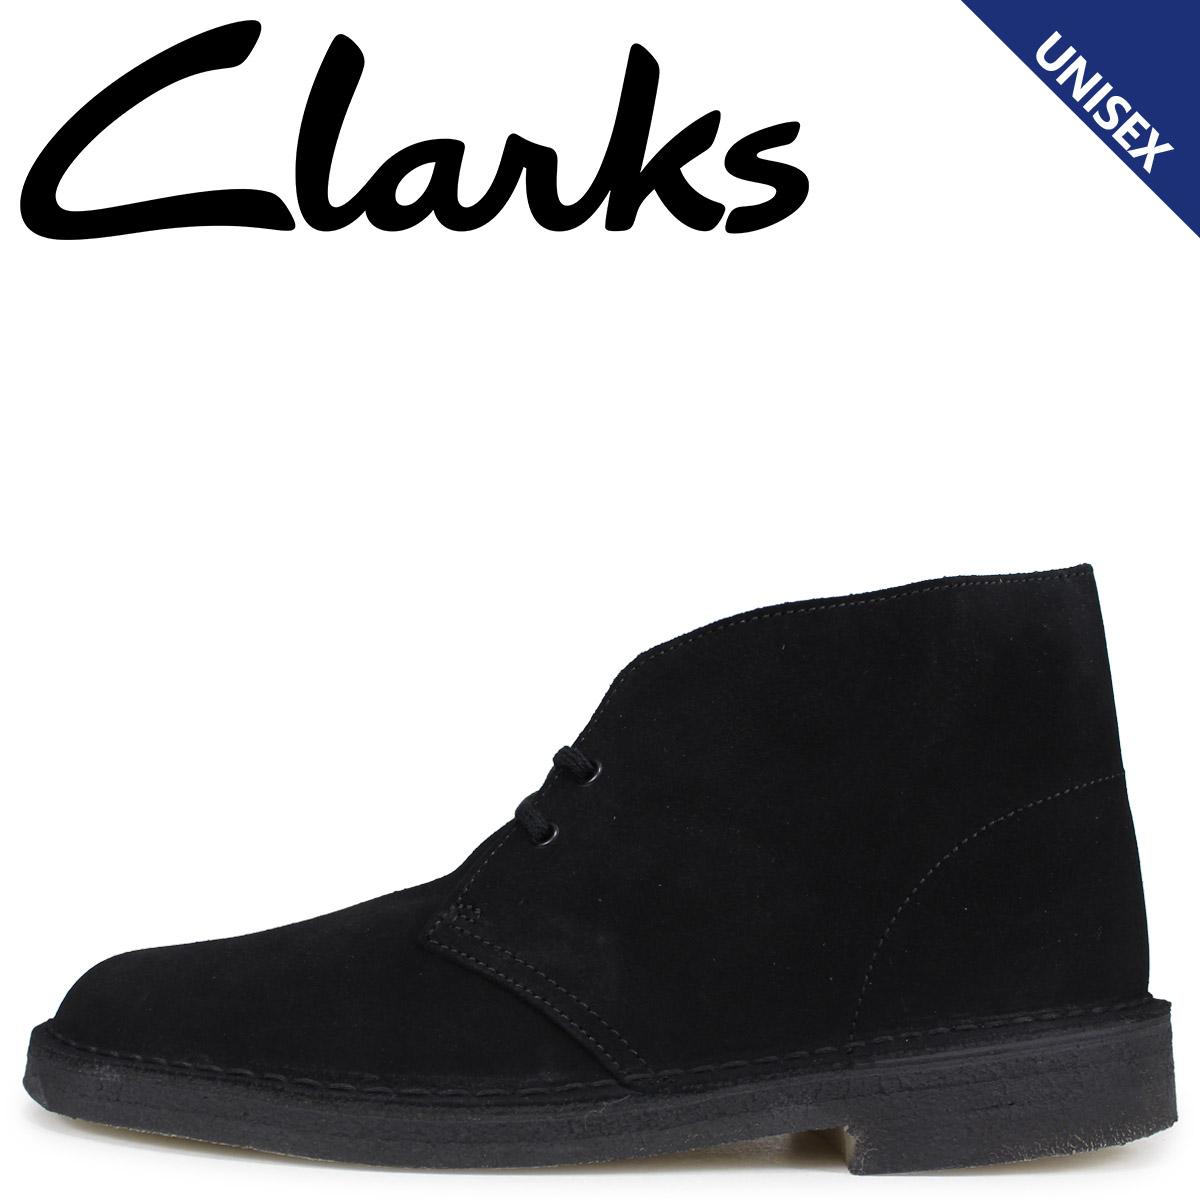 Clarks クラークス デザート ブーツ メンズ レディース DESERT BOOT スエード ブラック 26138227